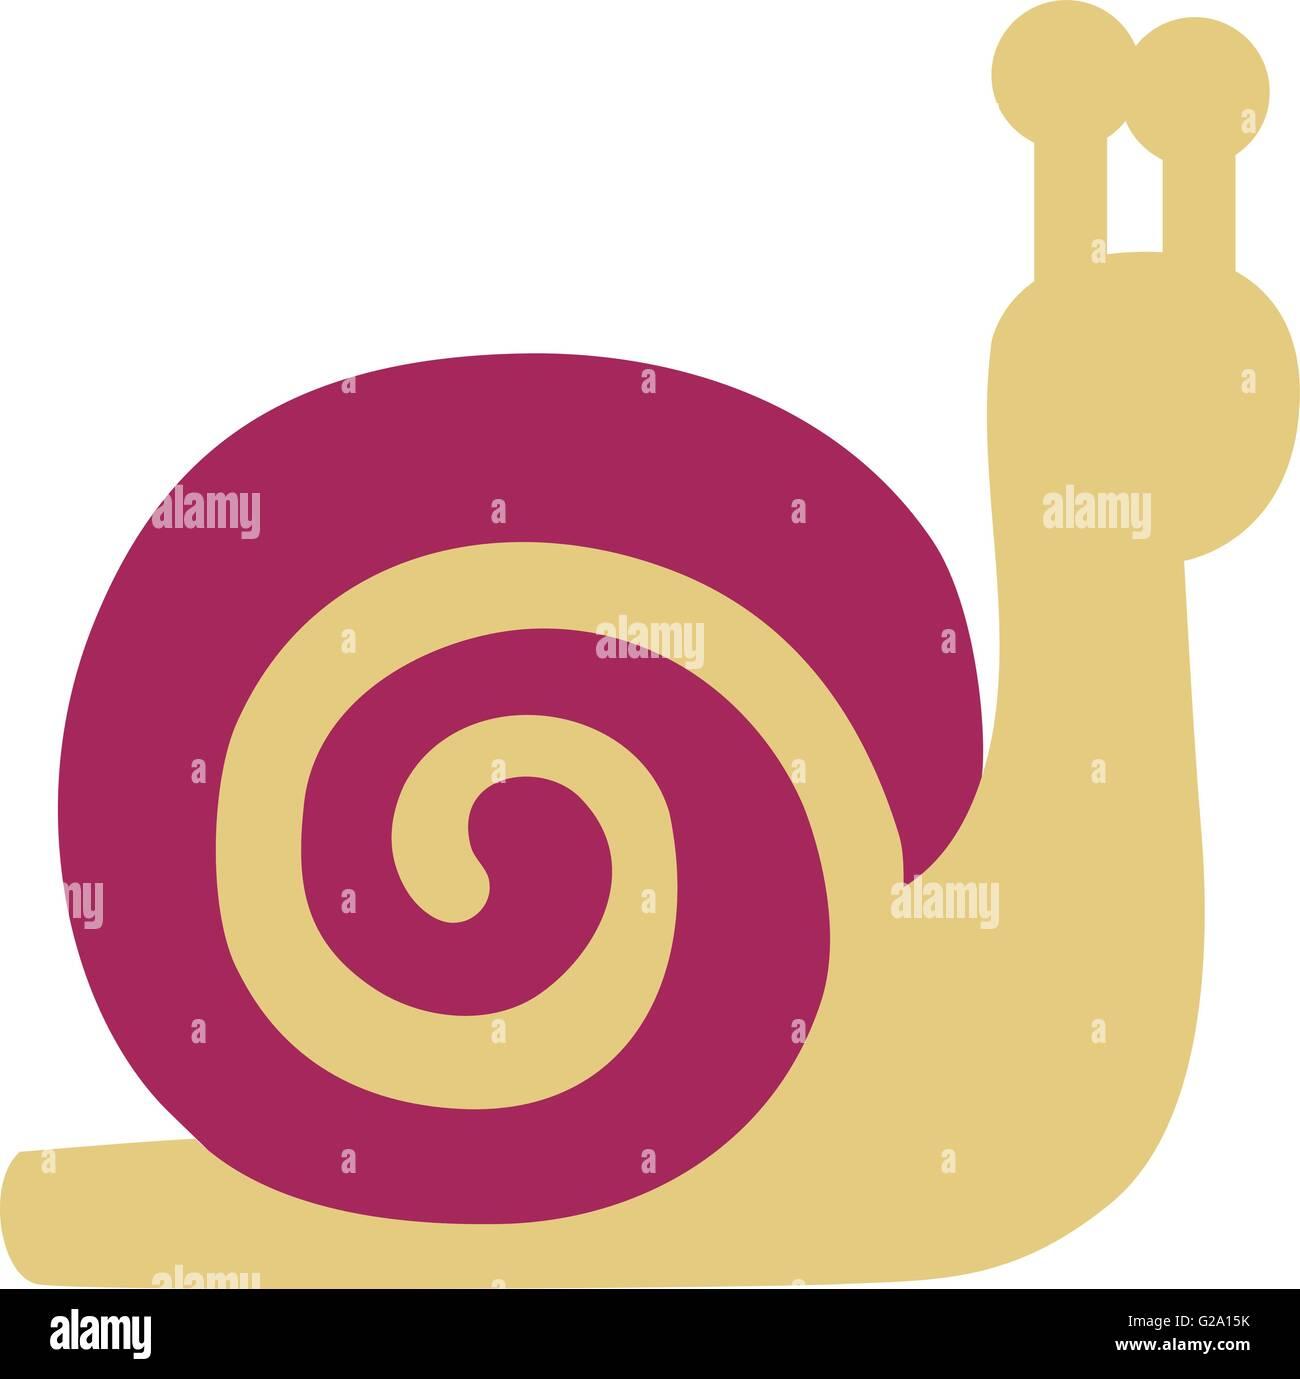 Snail Logo Stockfotos & Snail Logo Bilder - Seite 3 - Alamy